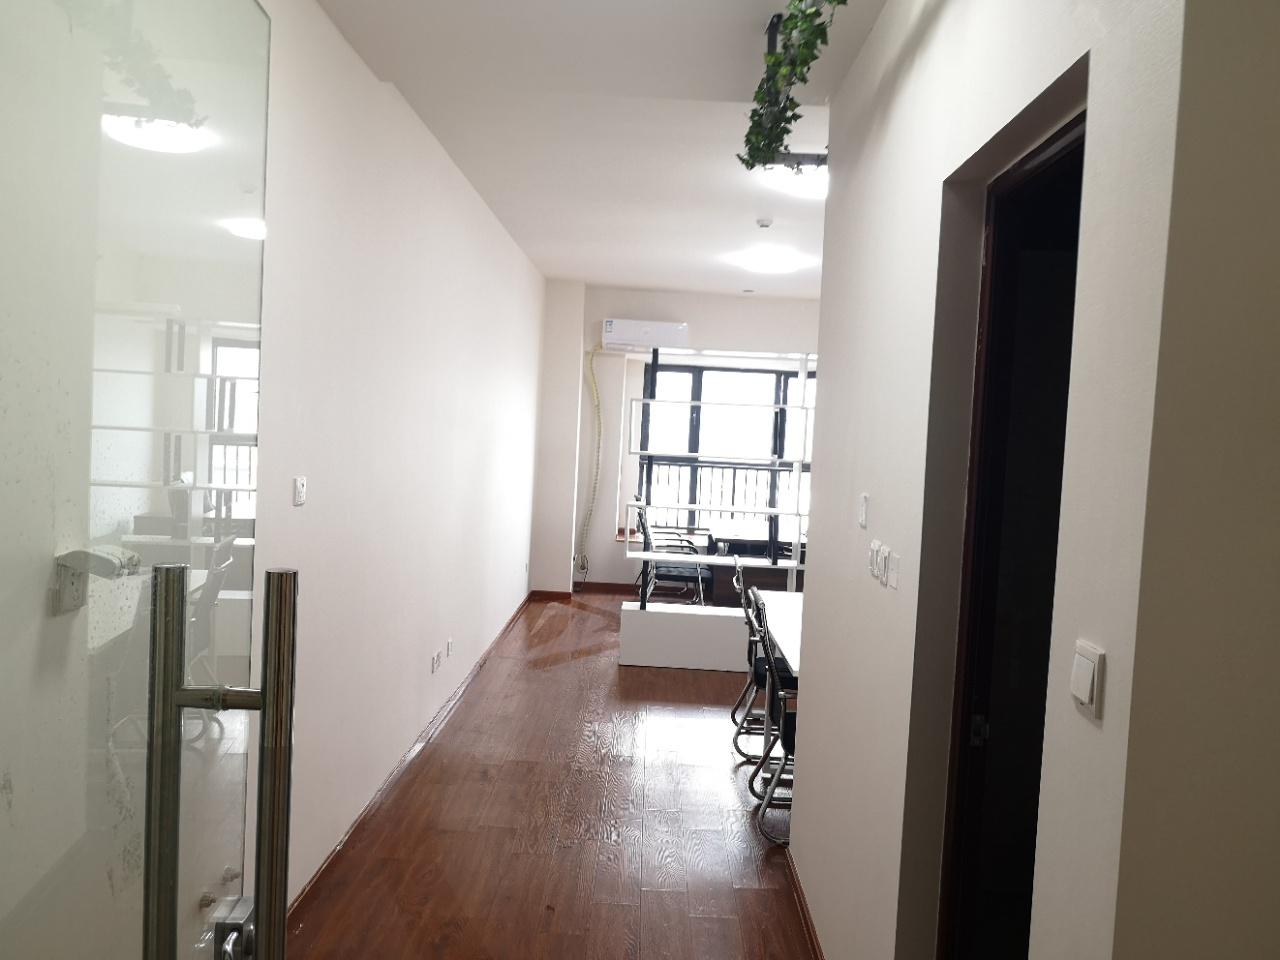 青羊区青羊万达广场50平小面积办公室含物业出租 精装带家具